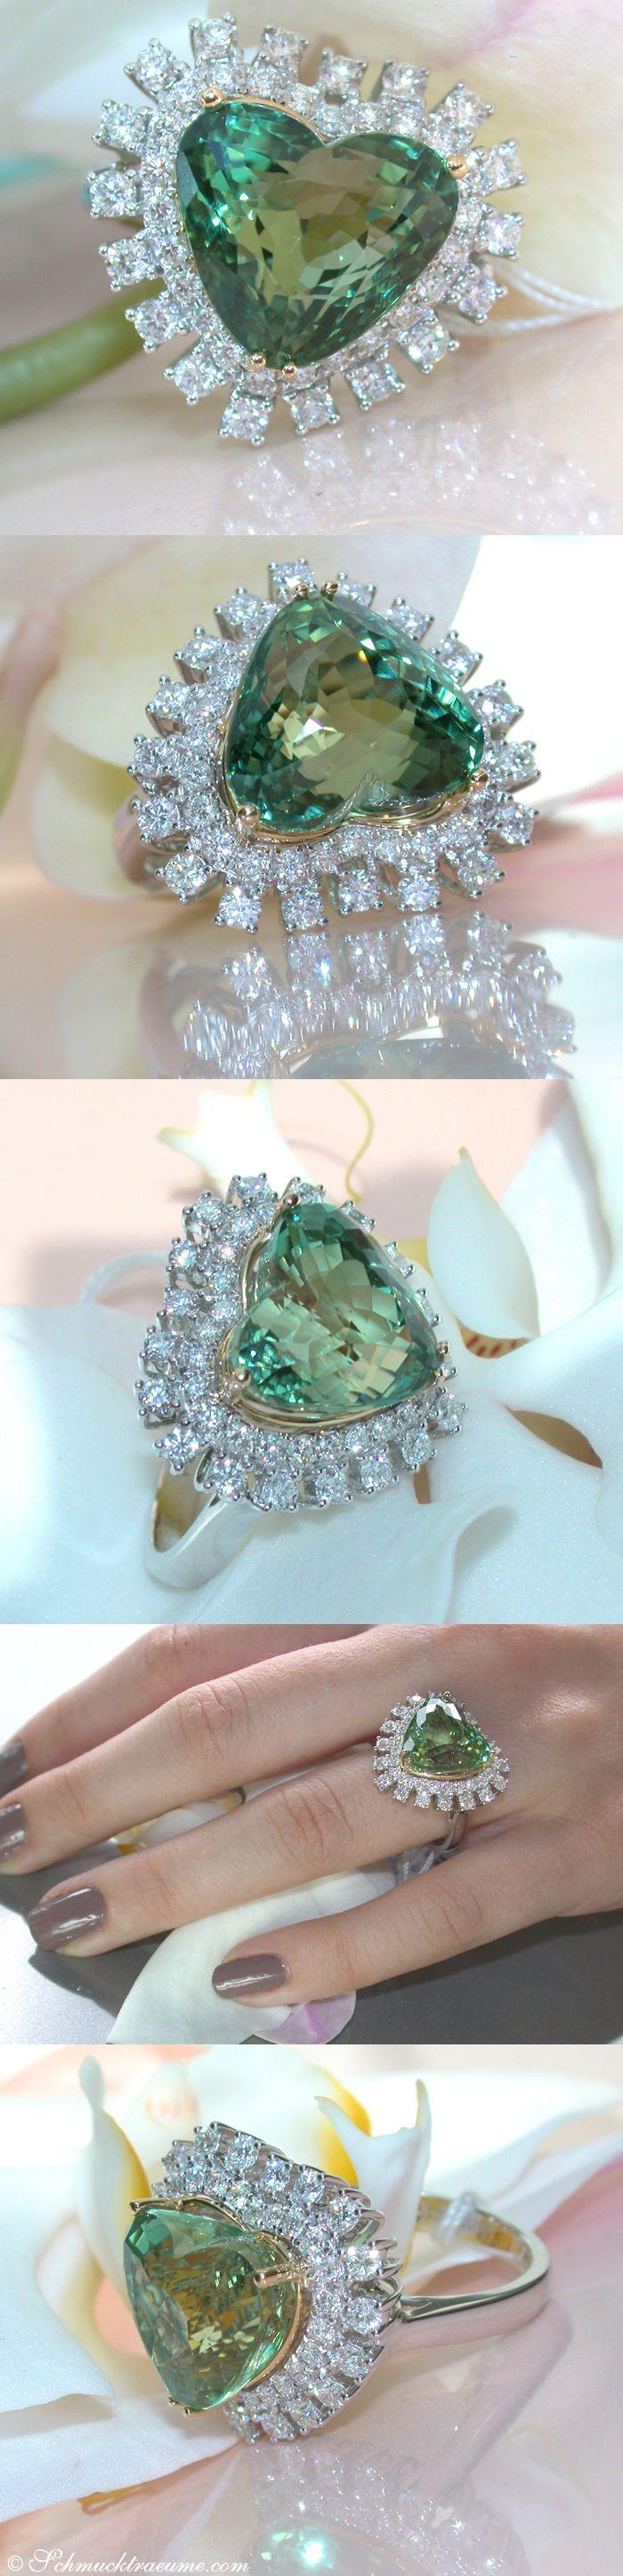 Glamorous Tourmaline Diamond Heart Ring, 11,49 cts. WG18K - Find out: schmucktraeume.com - Like: https://www.facebook.com/pages/Noble-Juwelen/150871984924926 - Contact: info@schmucktraeume.com